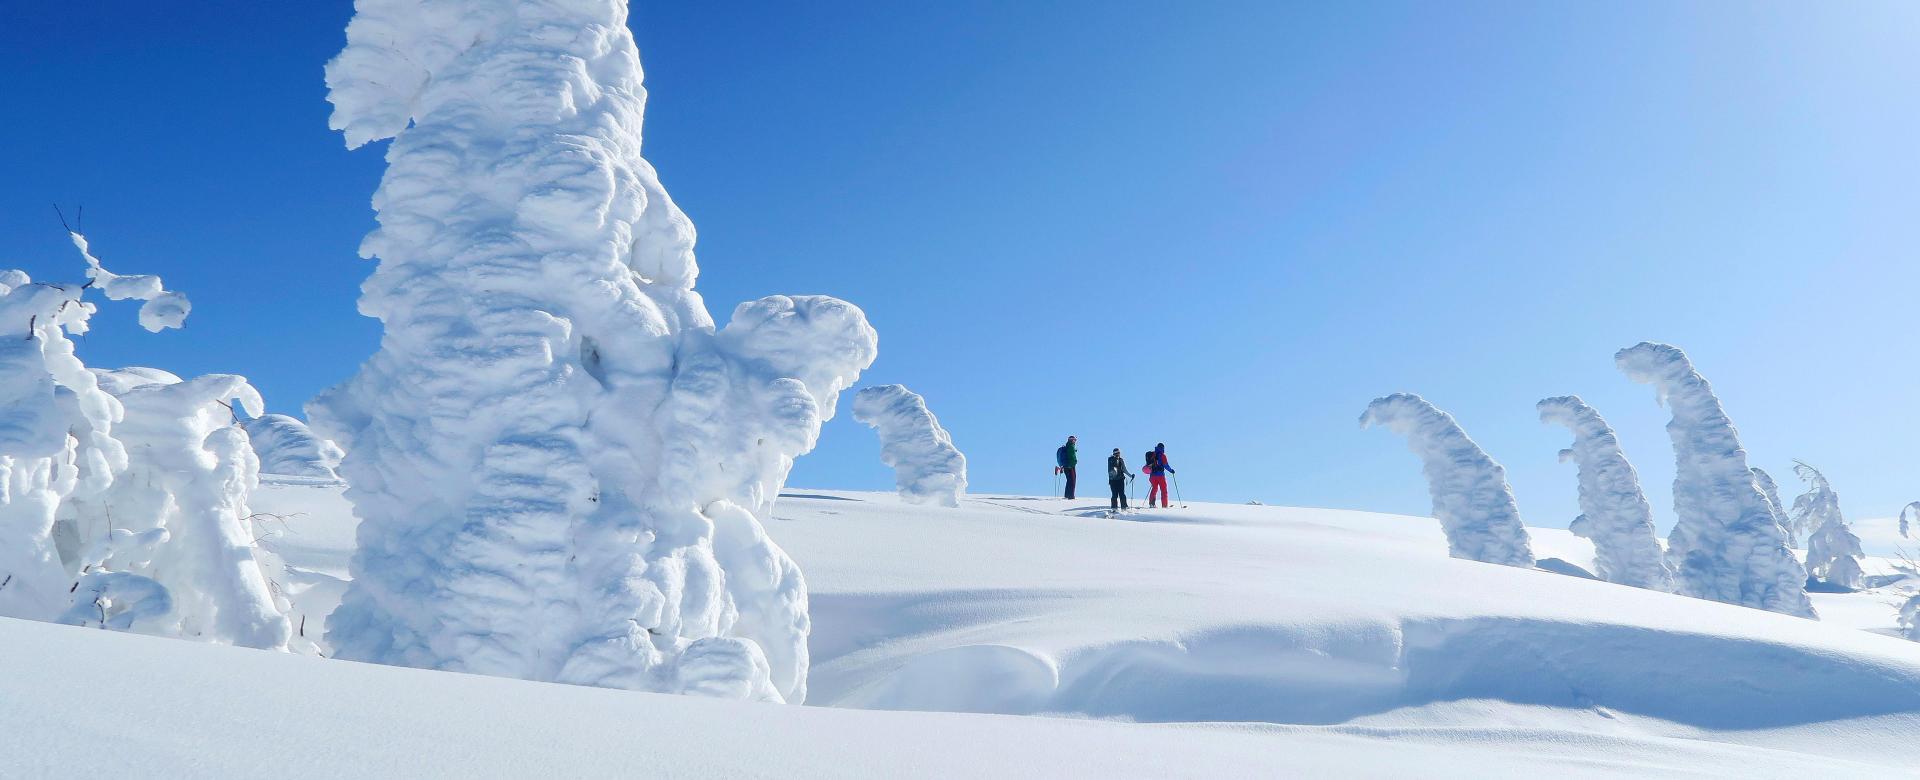 Voyage à pied : La poudreuse légendaire d'hokkaido